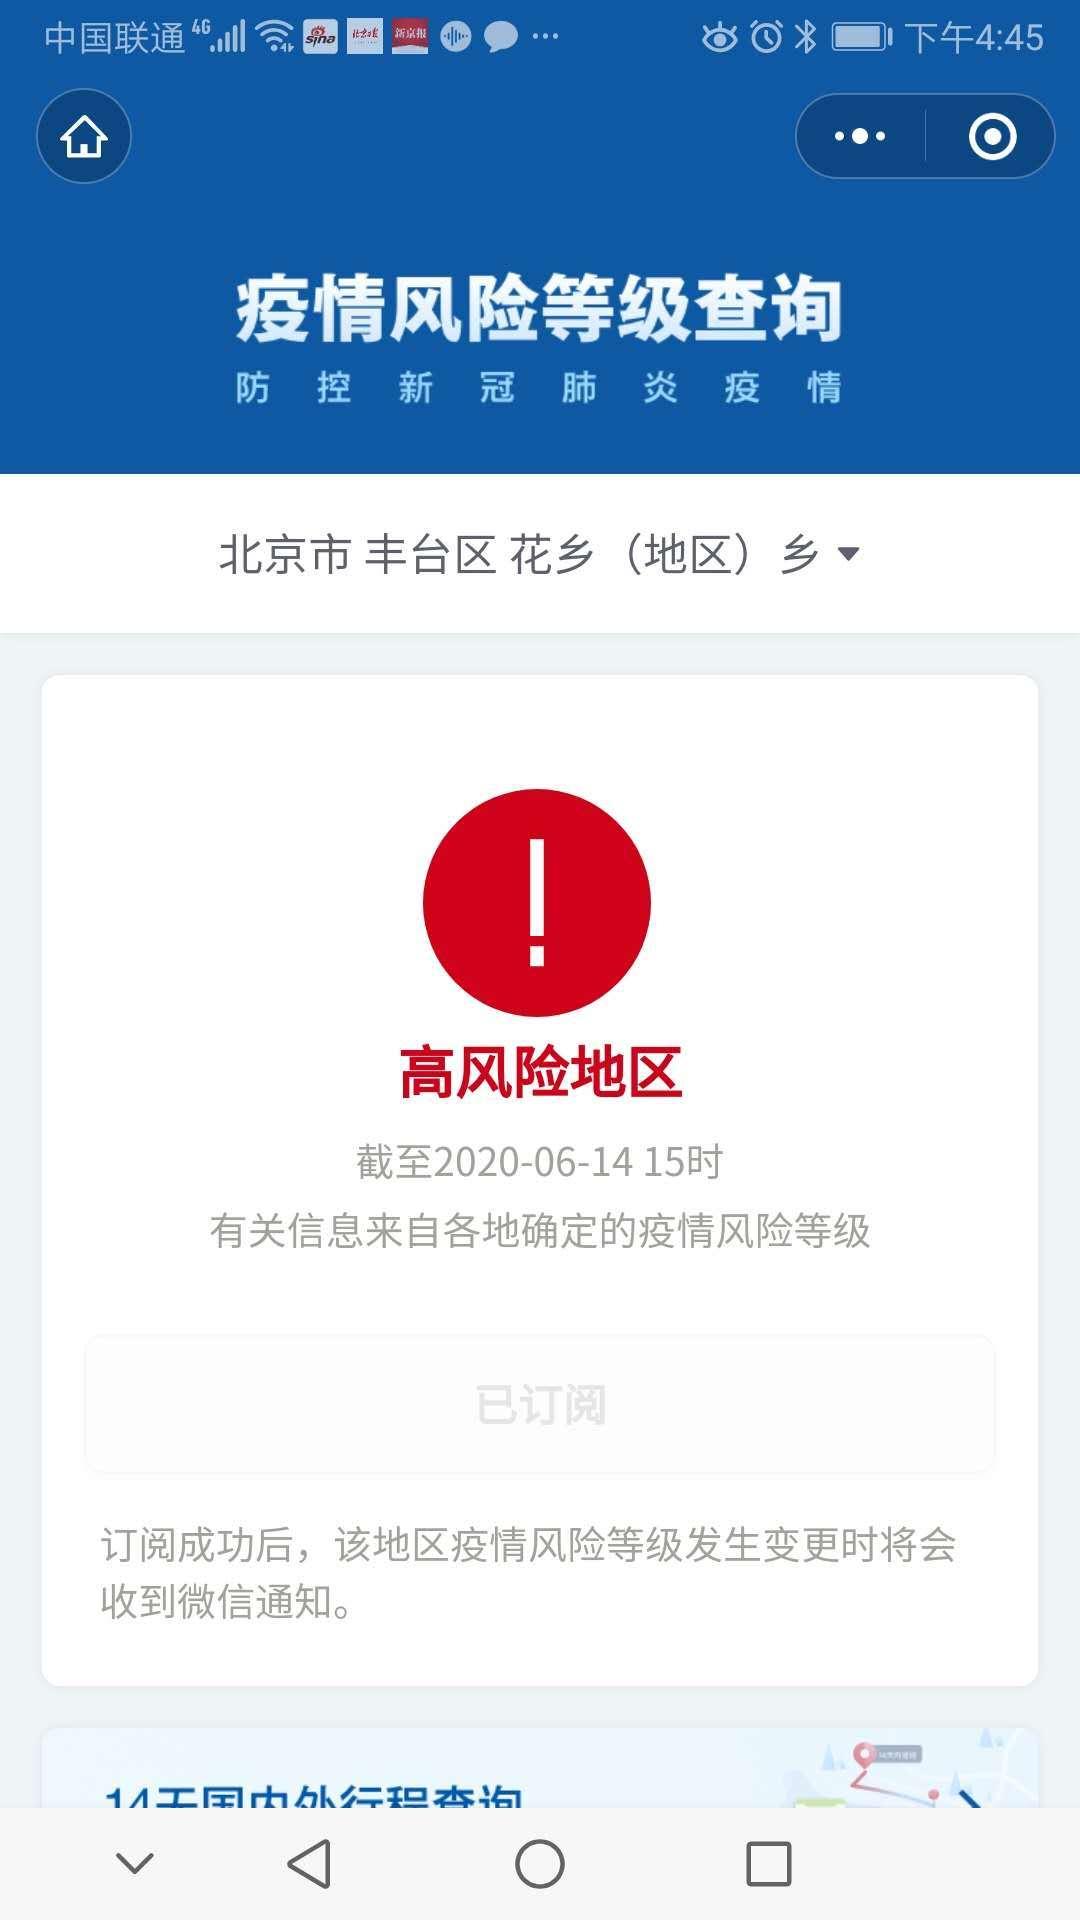 北京丰台花乡地区升级为疫情高风险地区